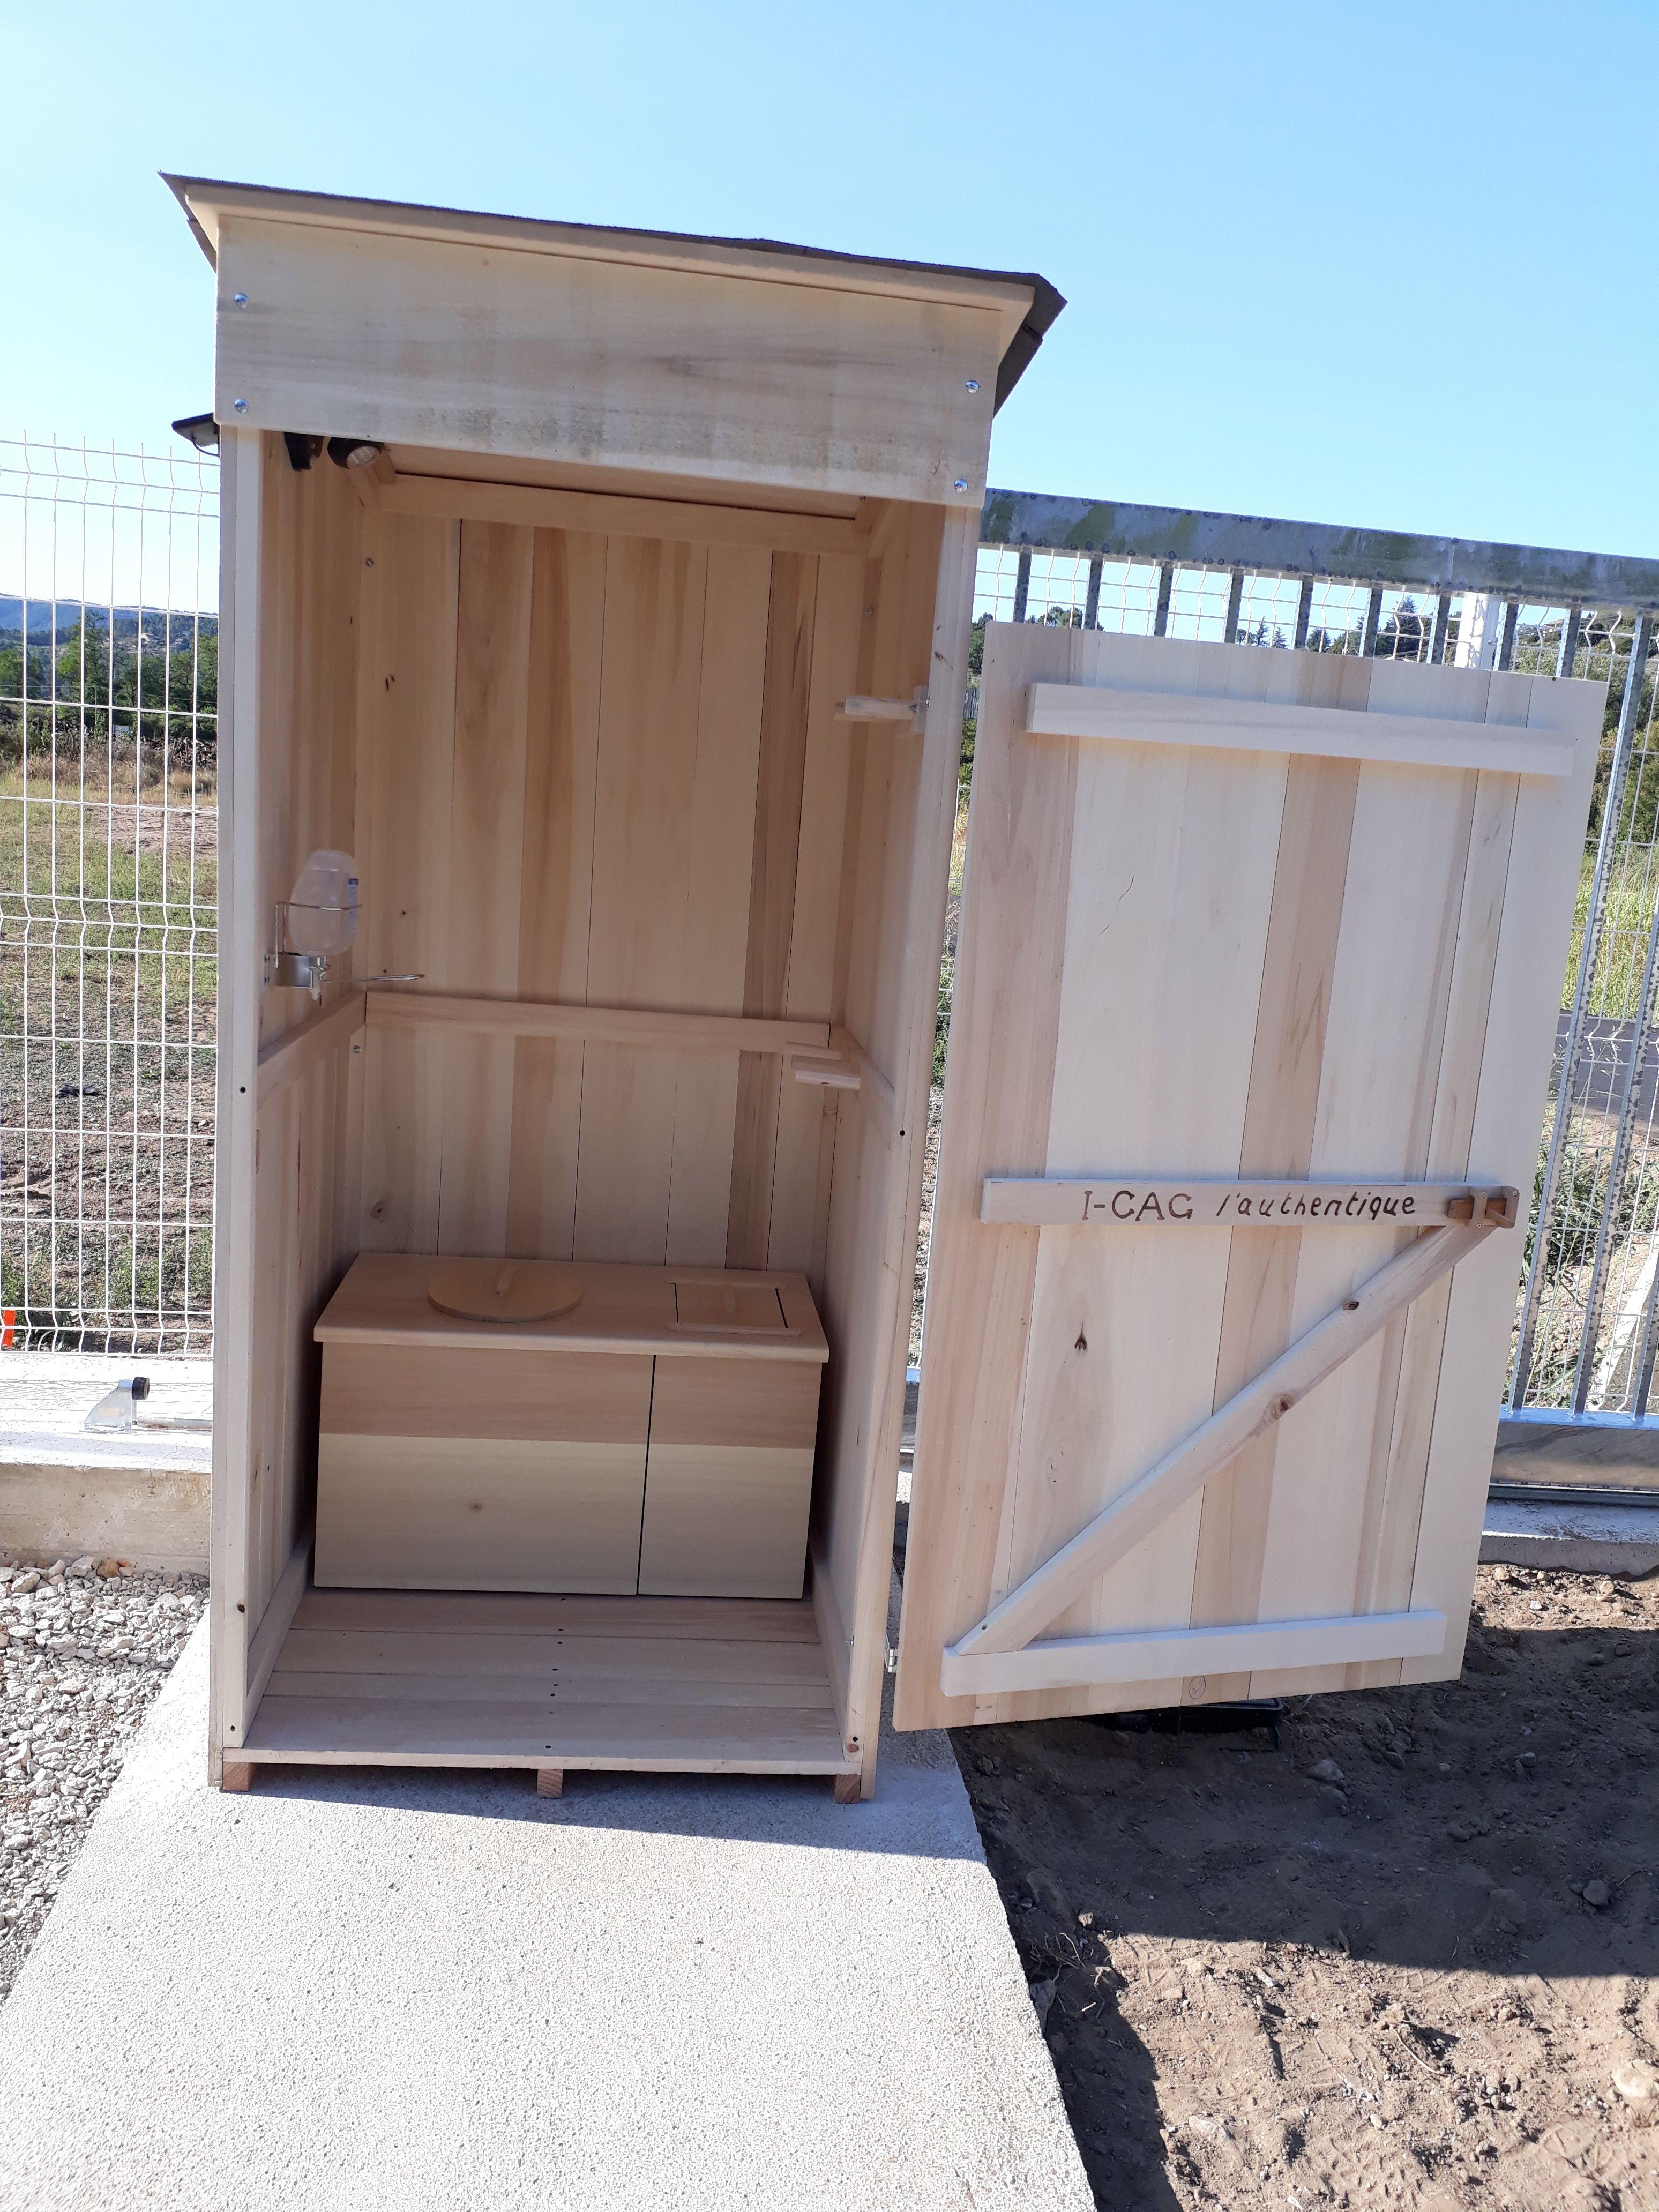 Toilette Sèche Exterieur Sur Chantier. En Bois, Sain à Toilette Seche Prix